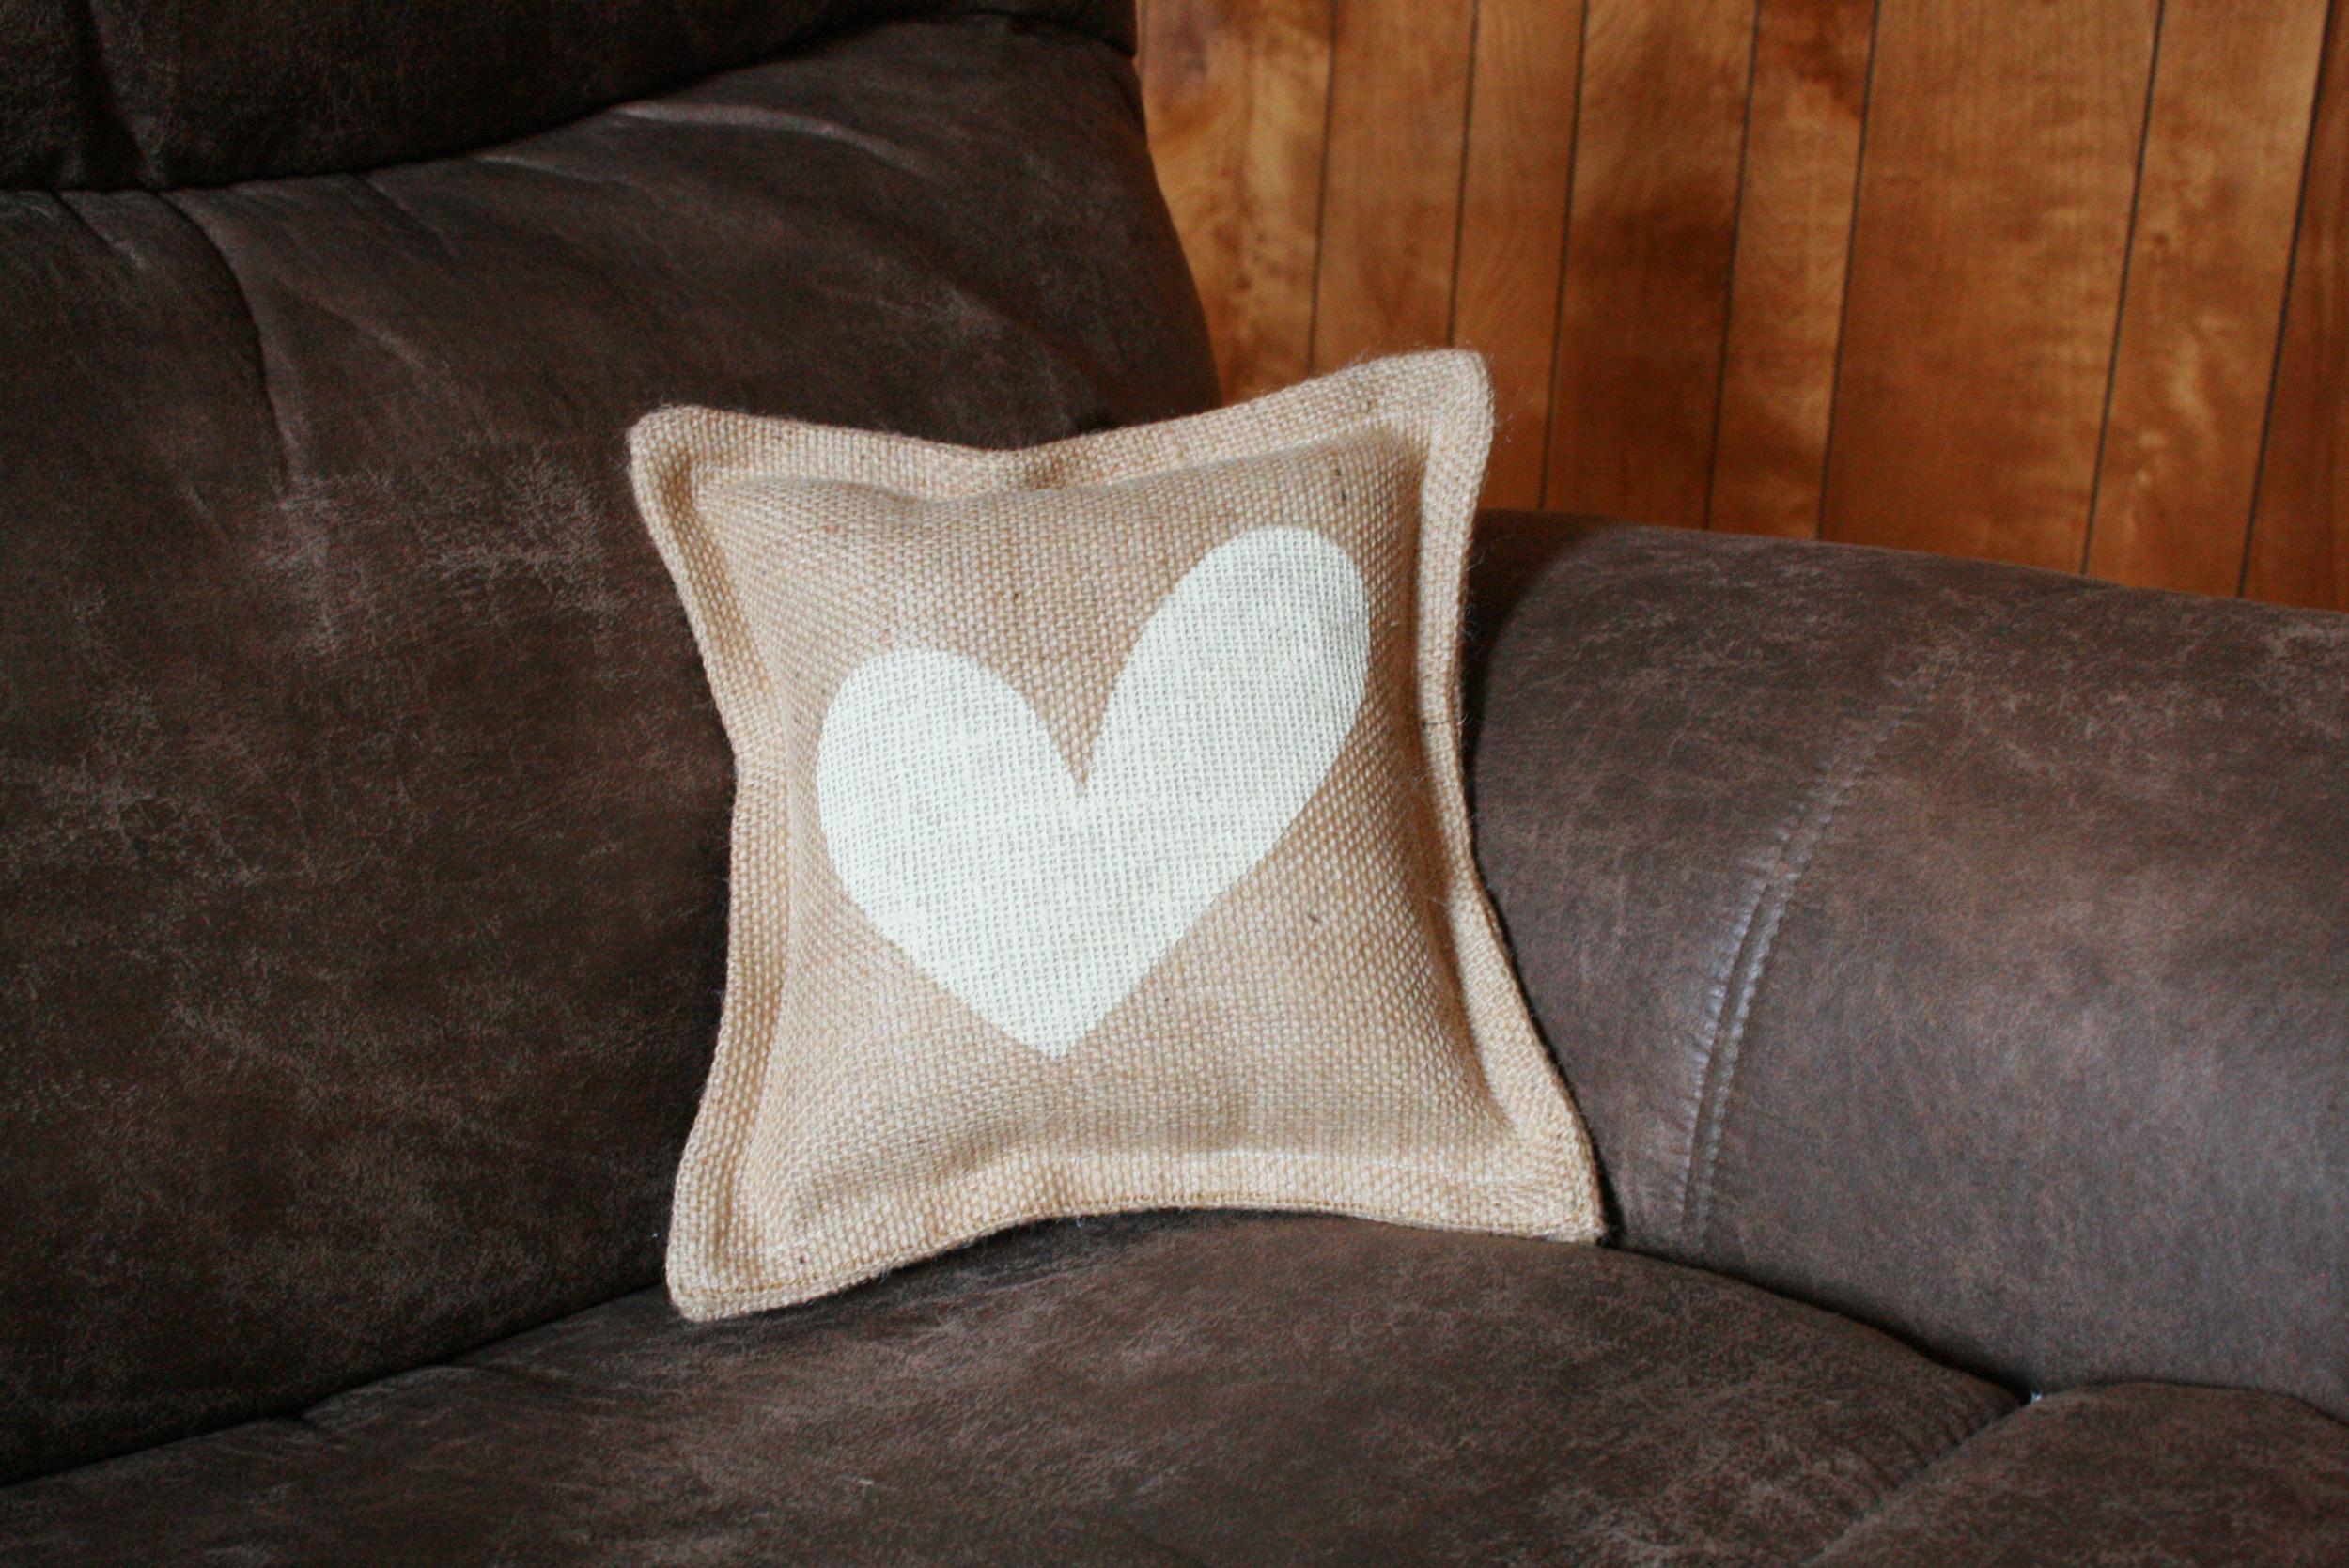 Pillow_MiniHeart_JitneysJourneys_001.jpg